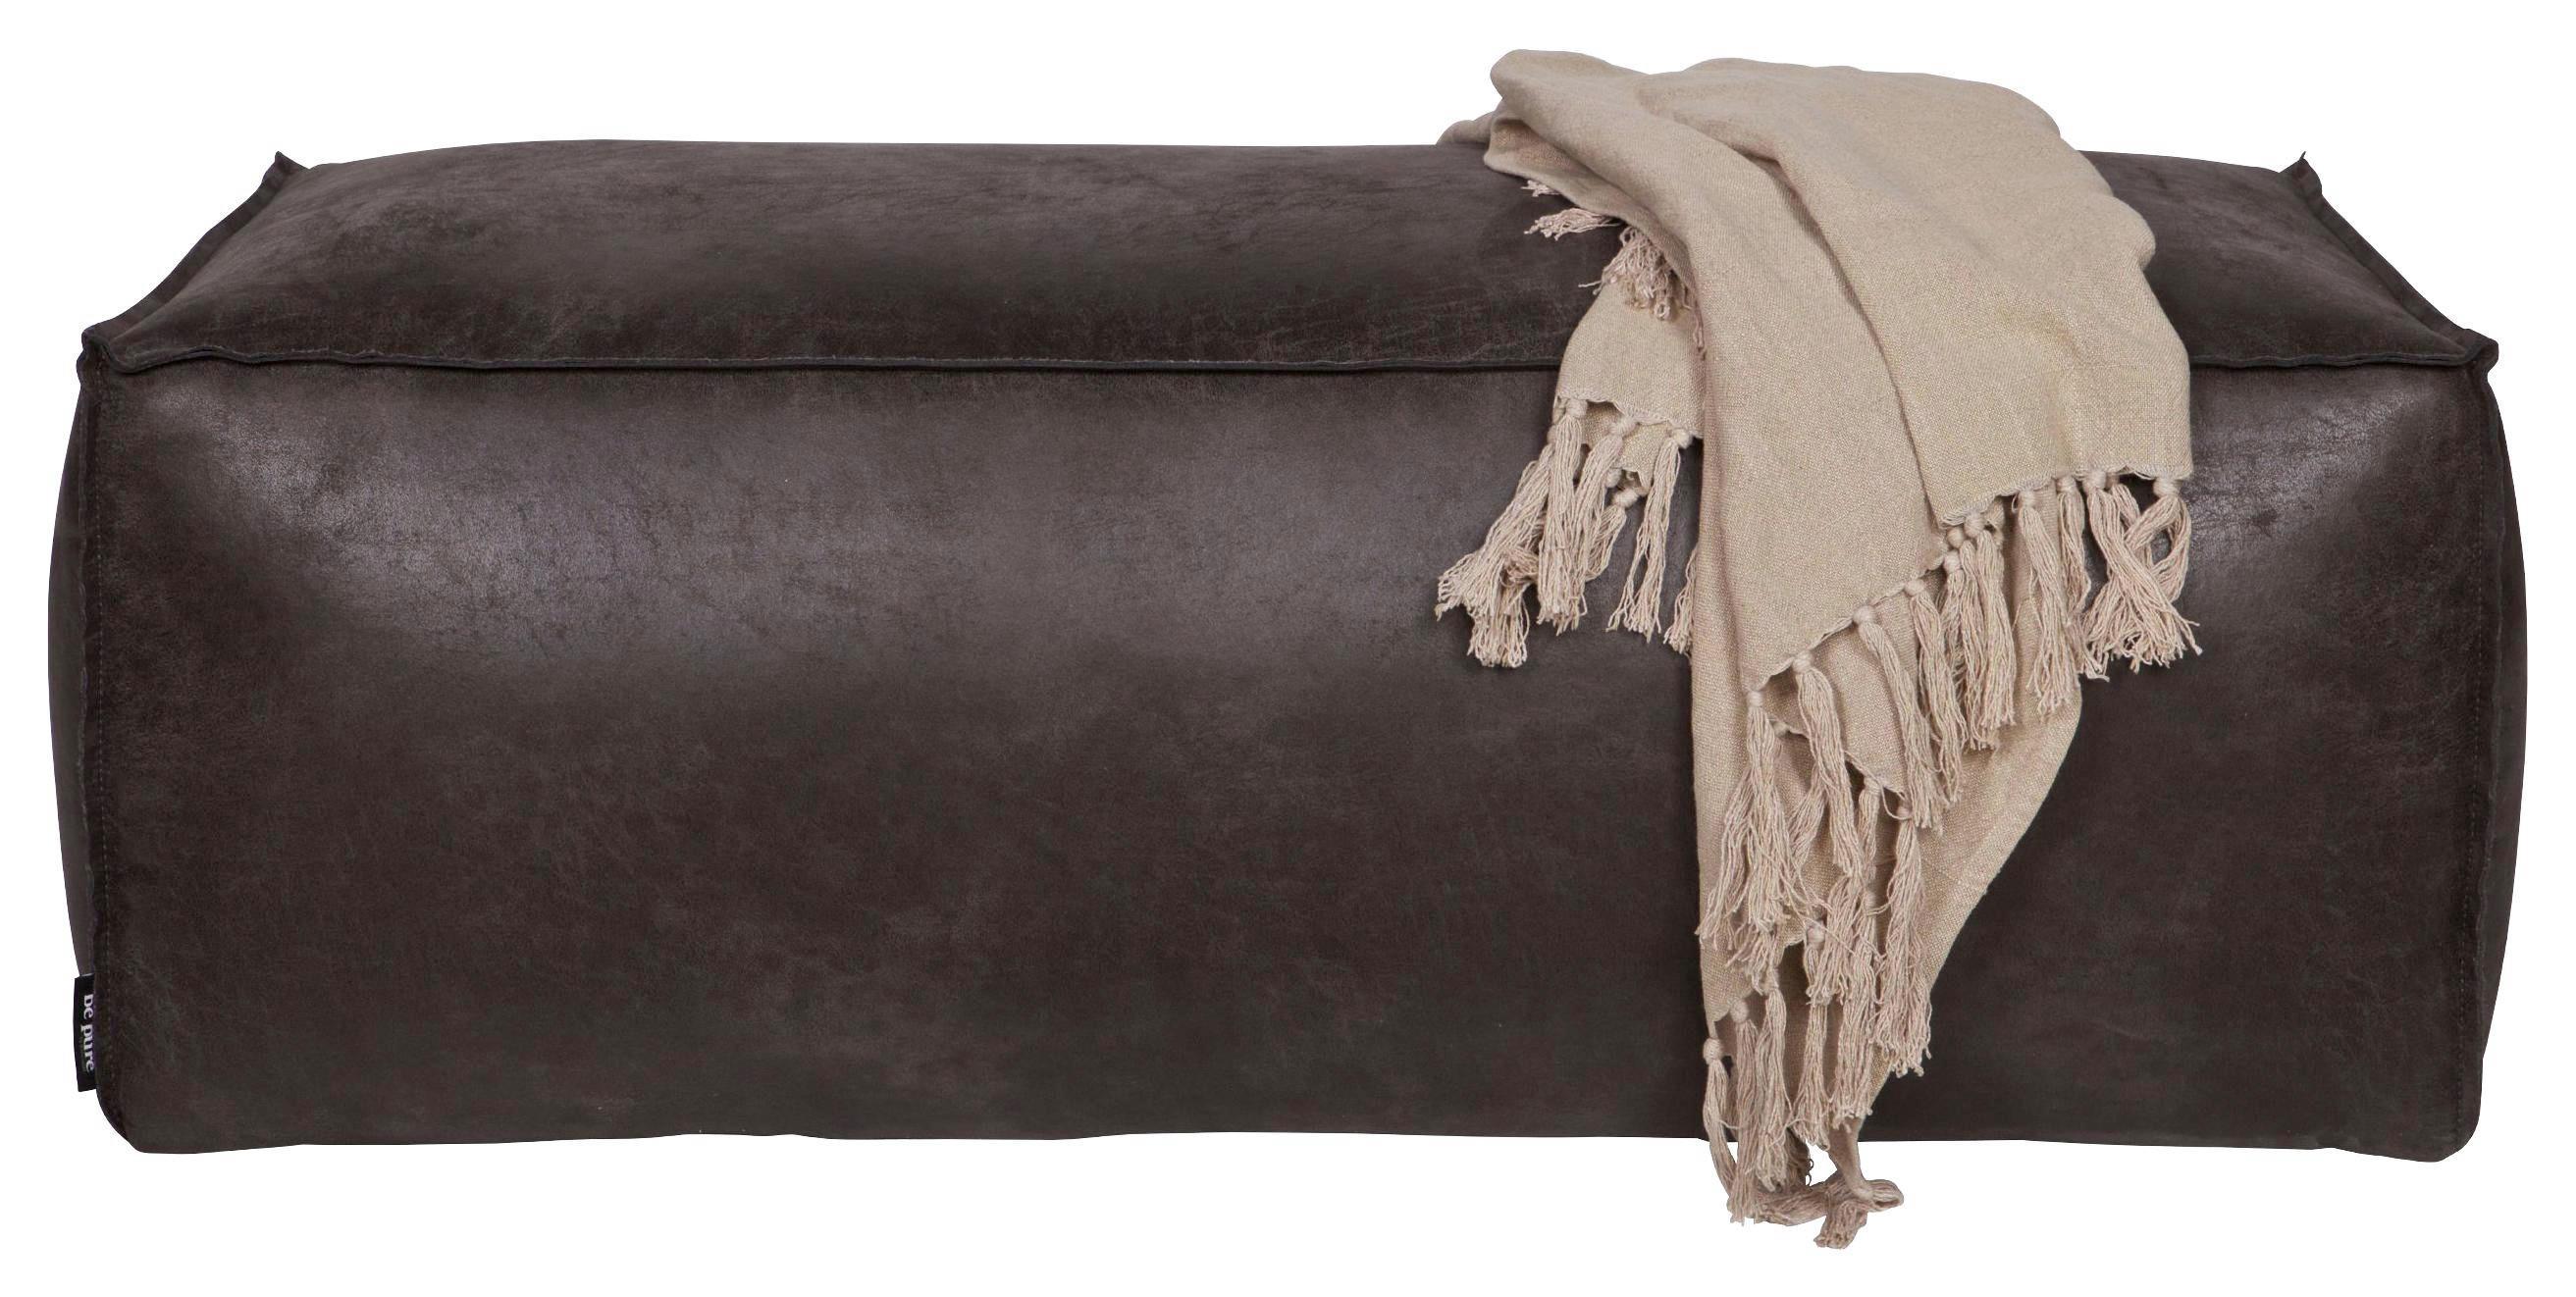 HOCKER in Leder, Textil Schwarz - Schwarz, Design, Leder/Textil (120/43/60cm) - Ambia Home